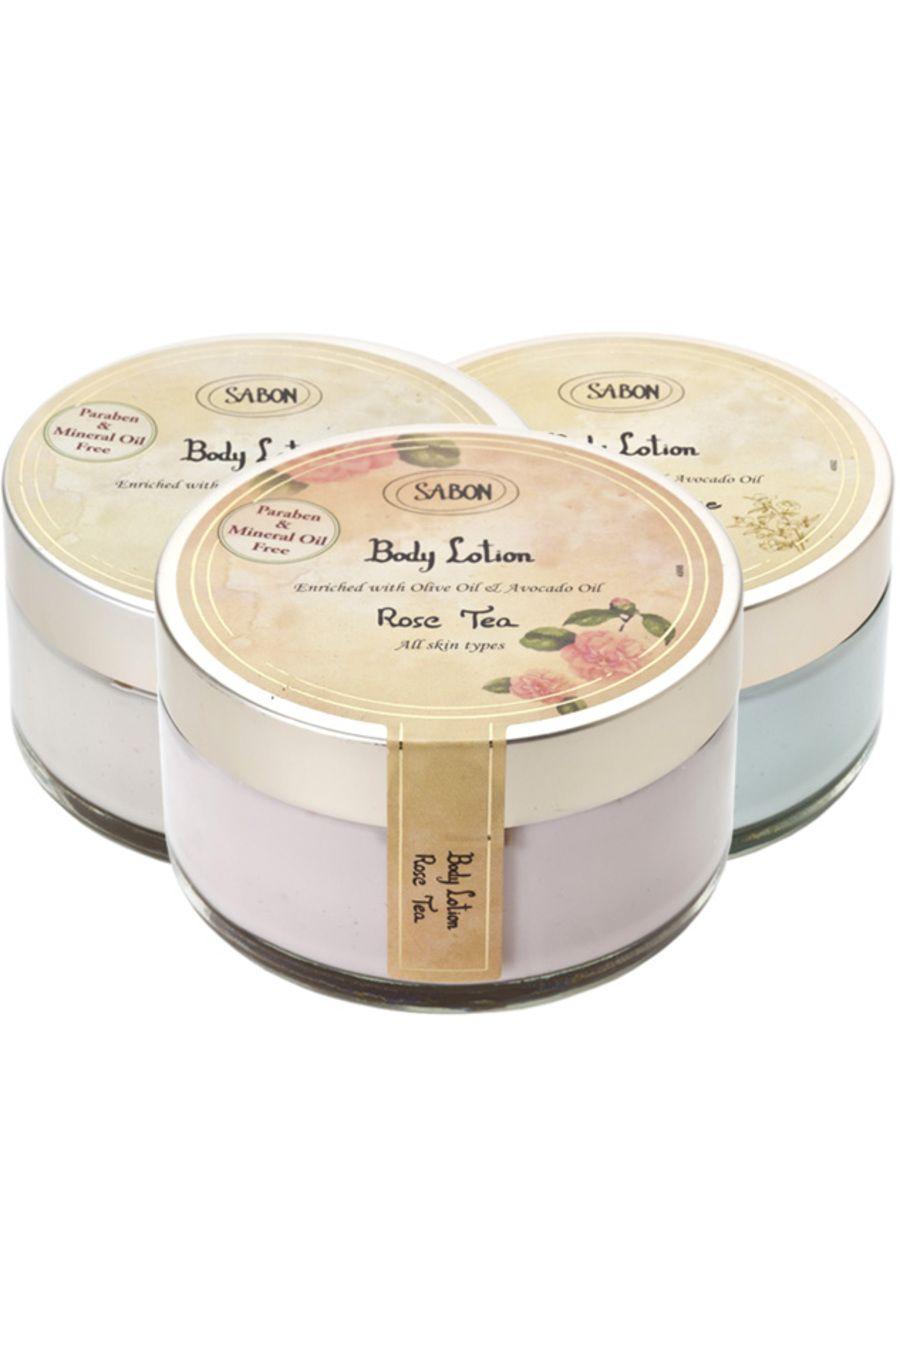 Blissim : Sabon - Crème pour le Corps (Pot) - Crème pour le Corps (Pot)